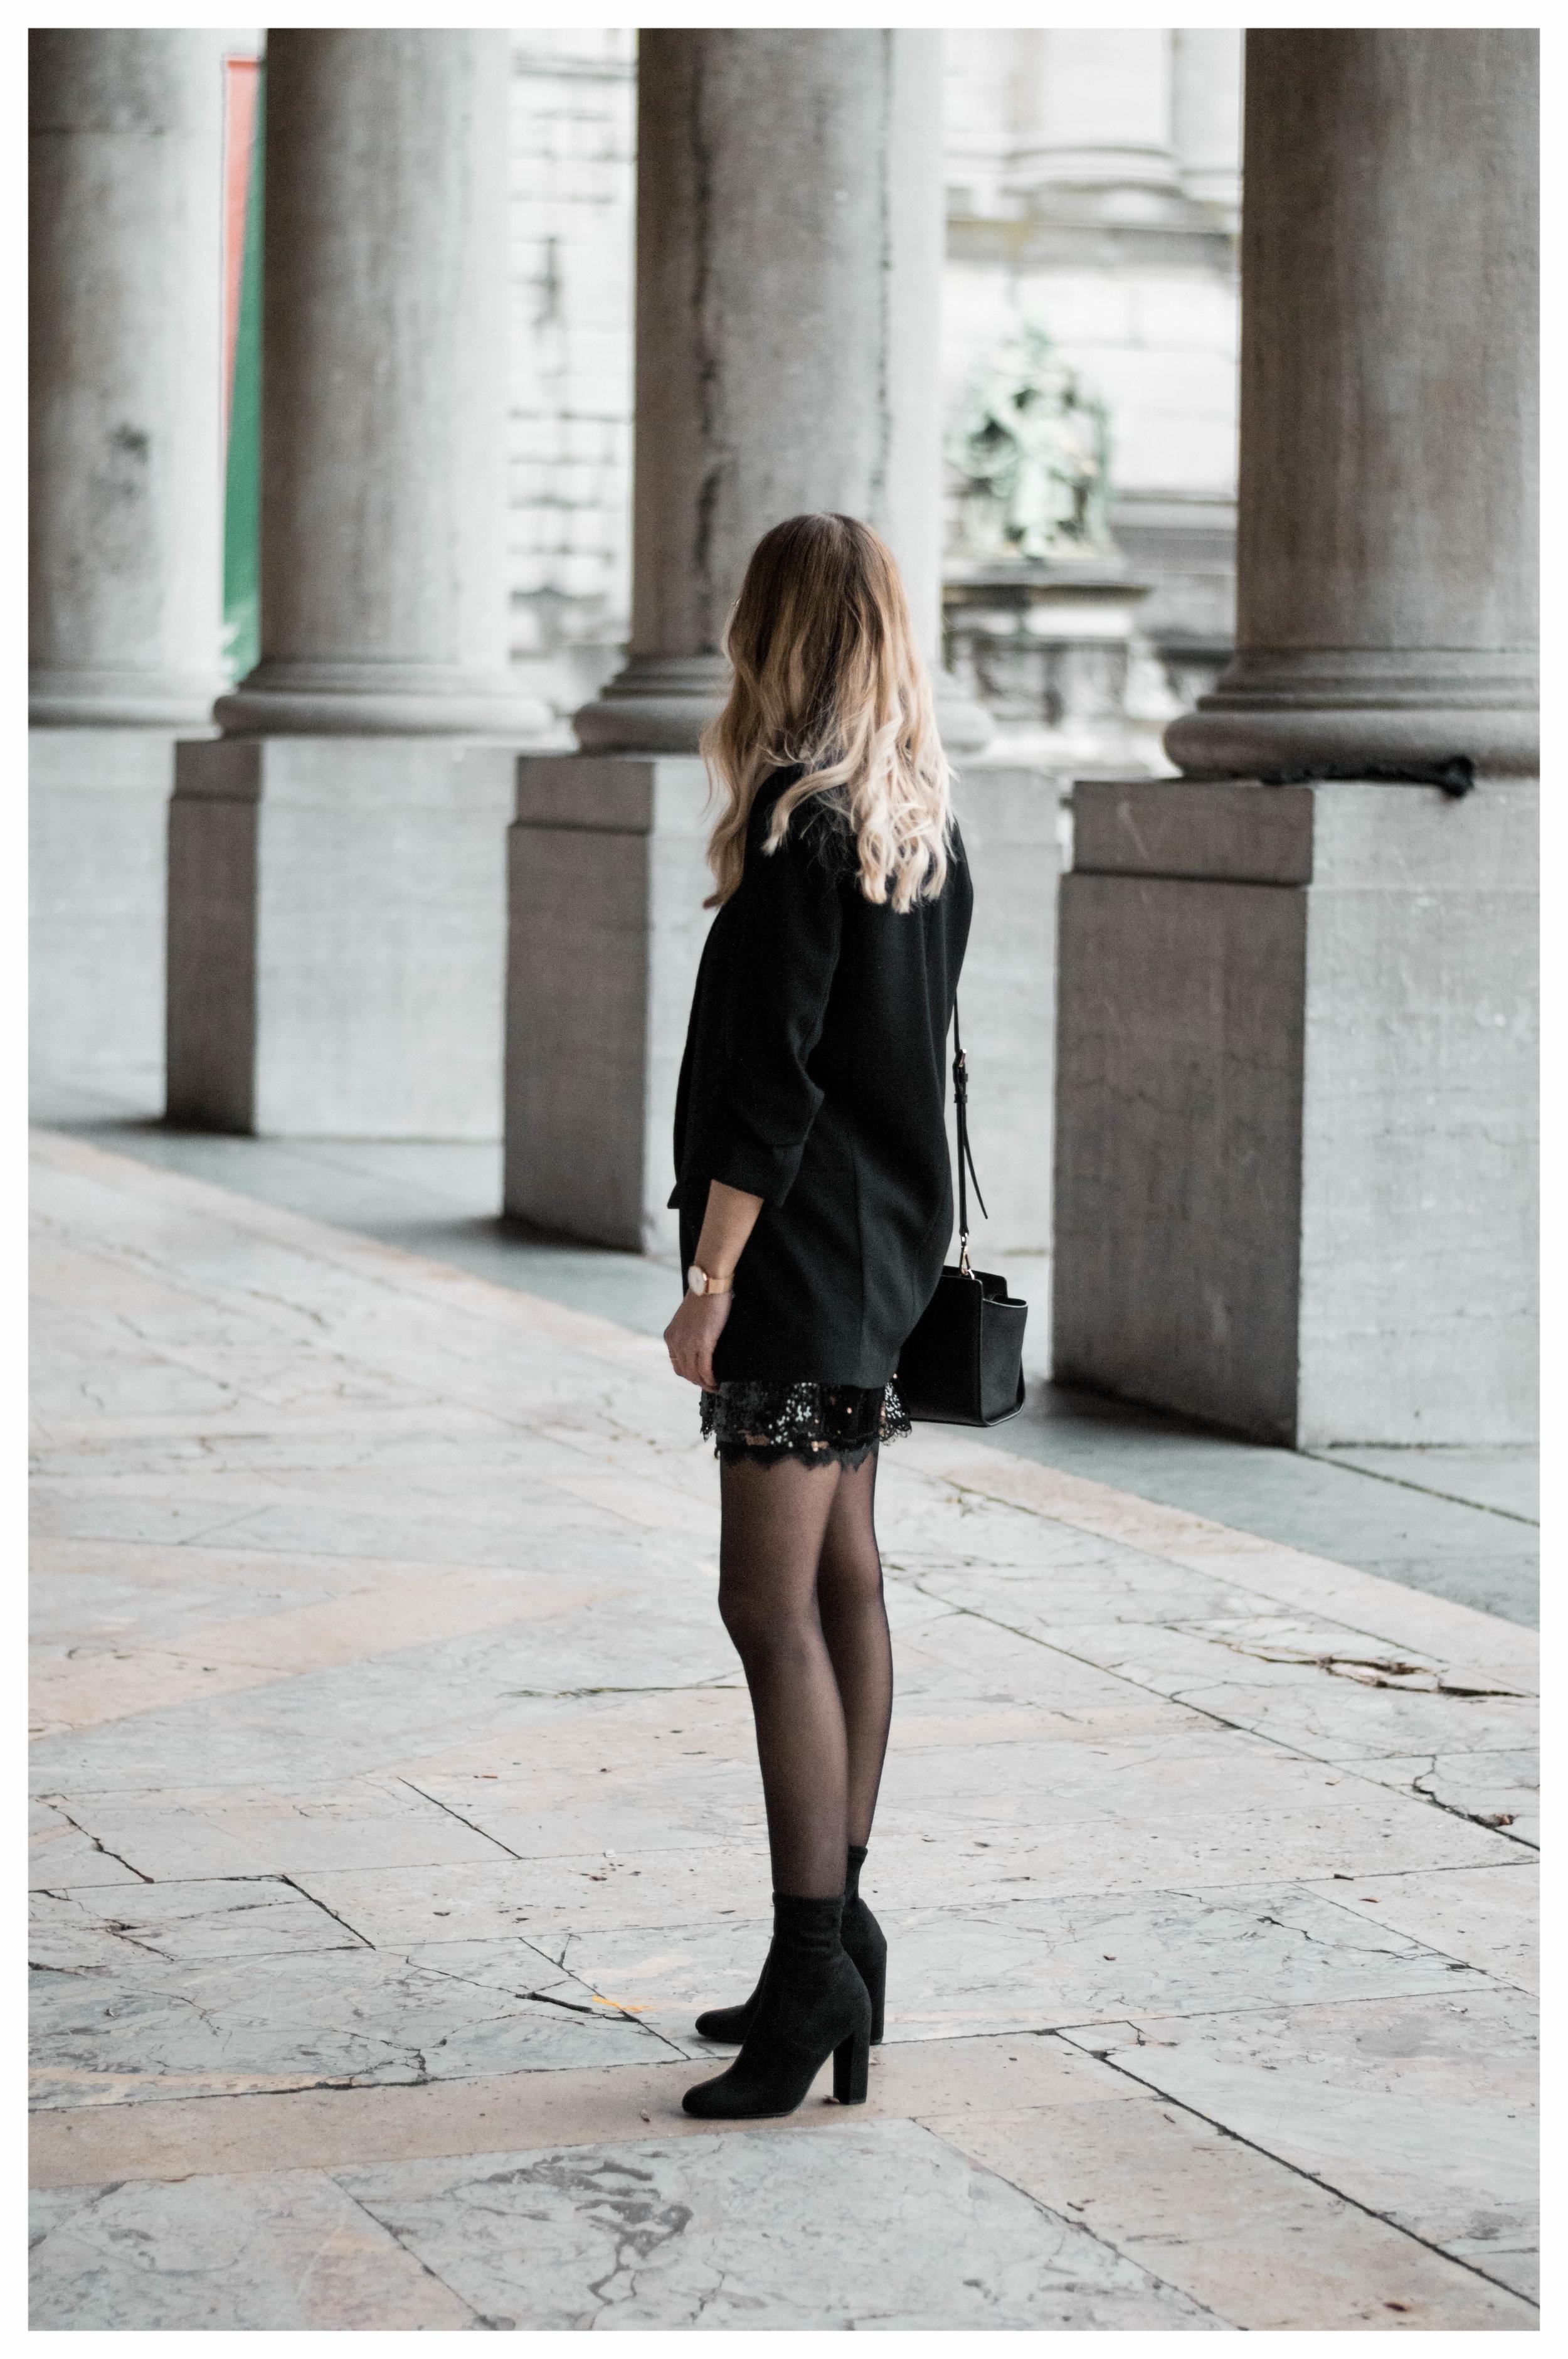 Party Dress Zalando - OSIARAH.COM (13 sur 41).jpg